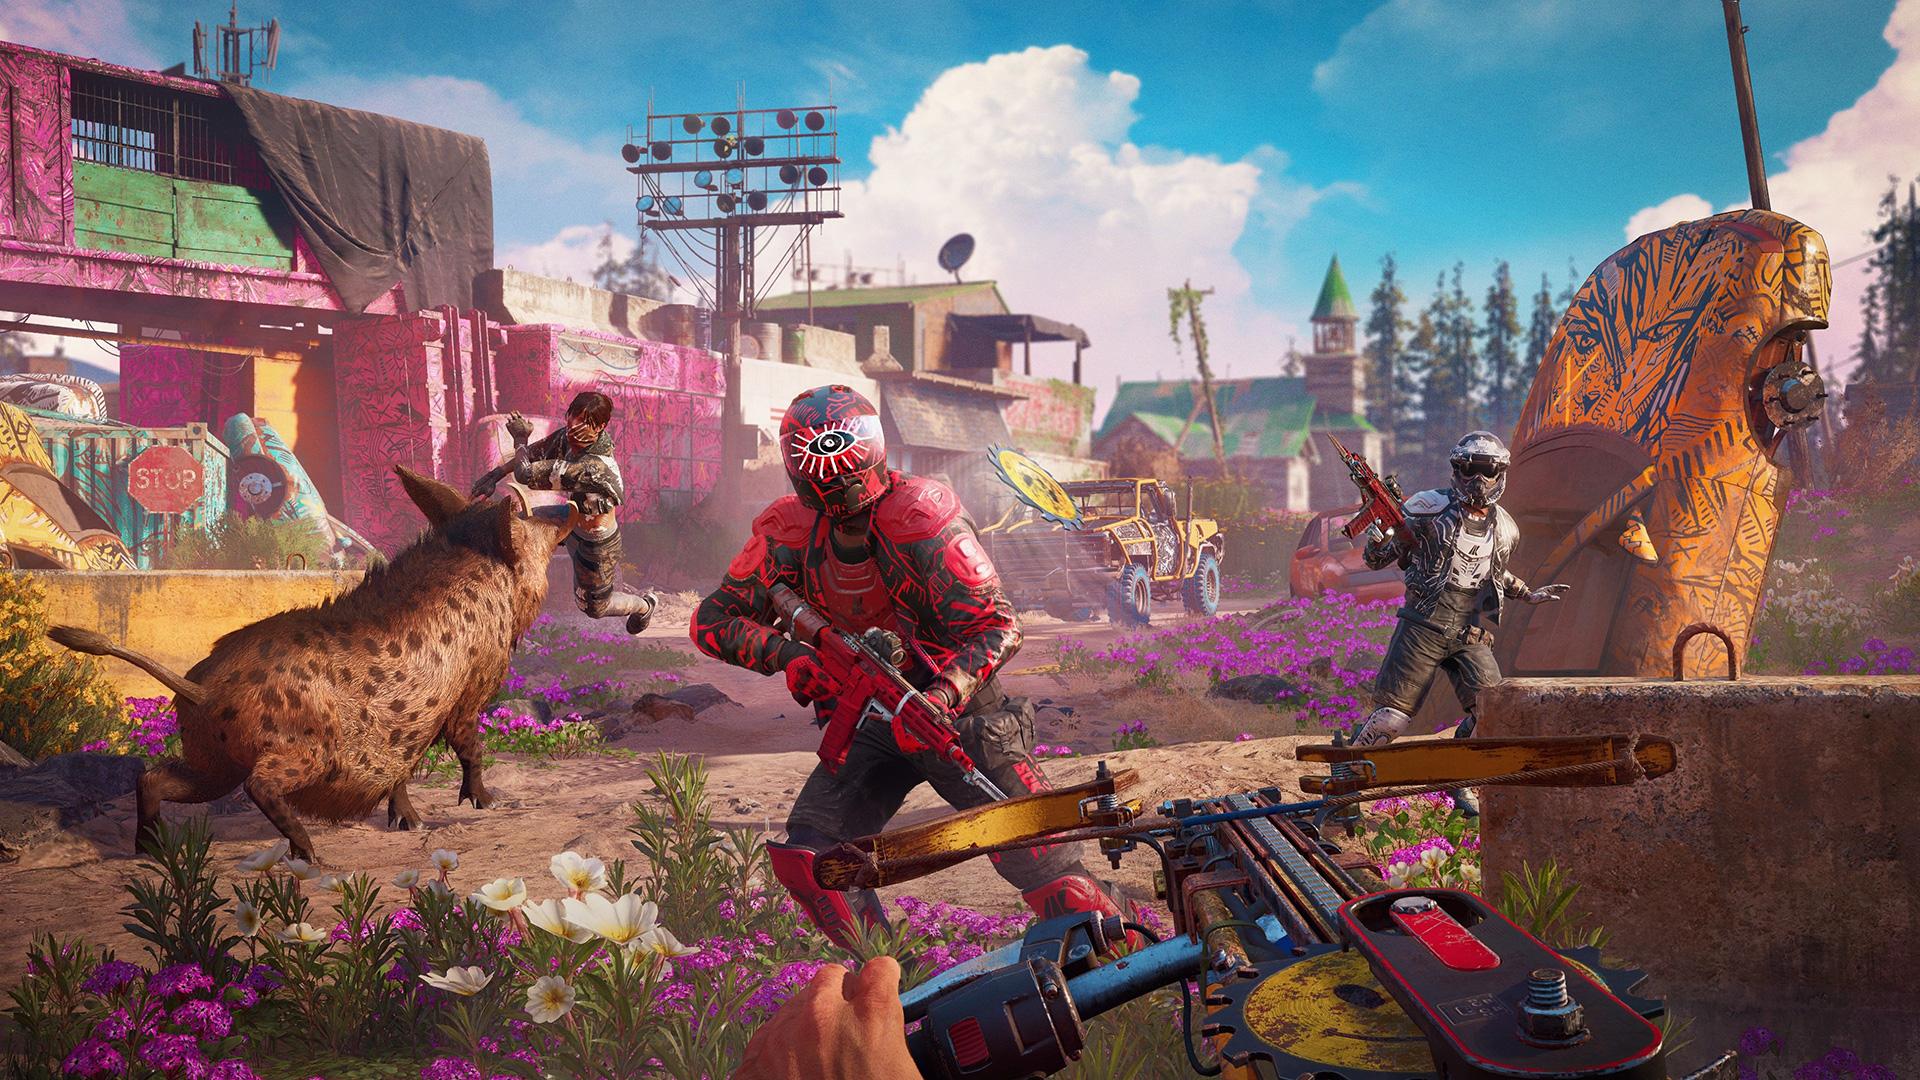 Far Cry New Dawn 4k Wallpaper Far Cry New Dawn 104005 Hd